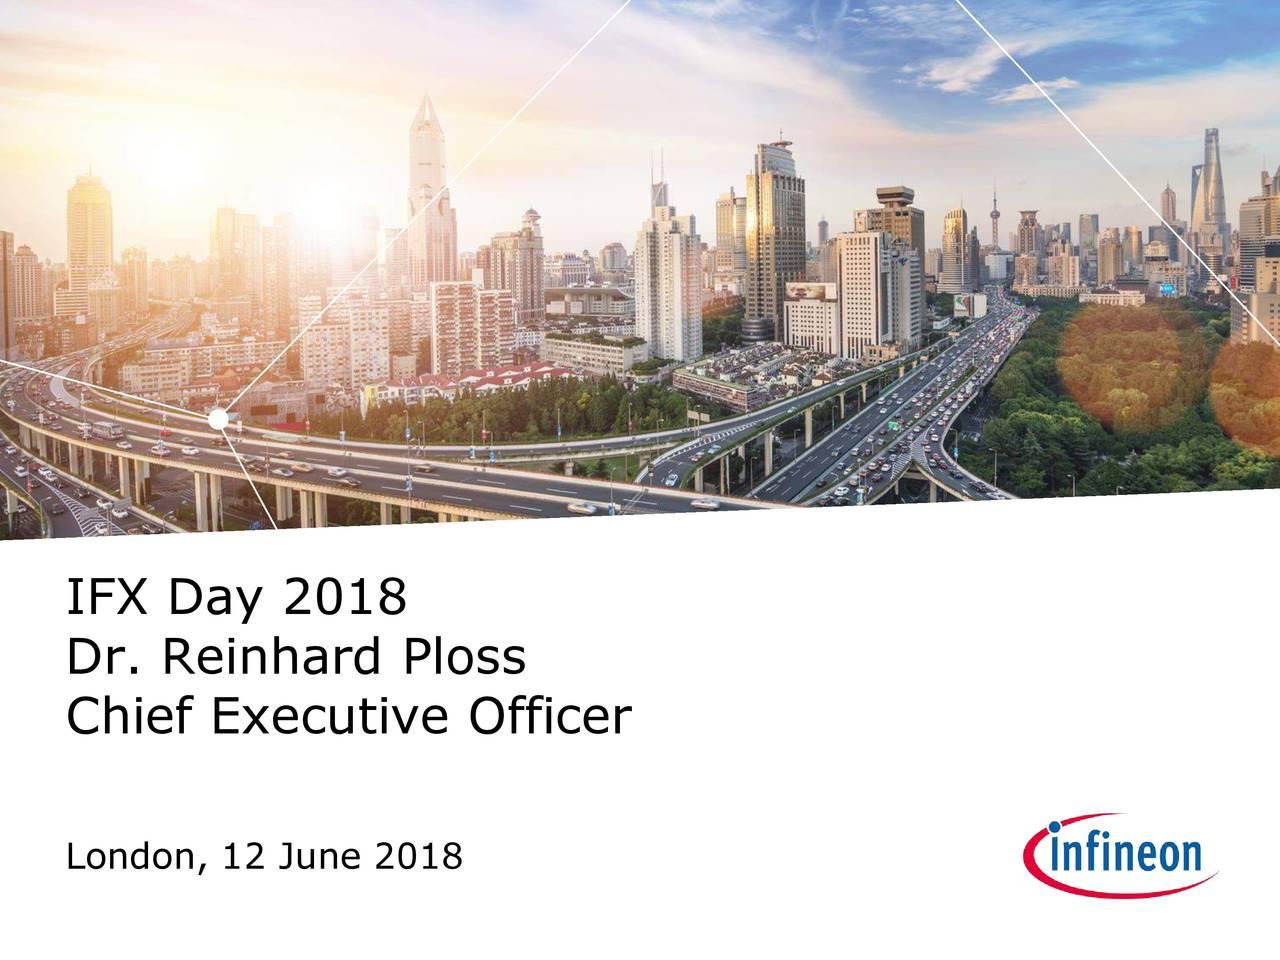 Dr. Reinhard Ploss Chief Executive Officer London, 12 June 2018